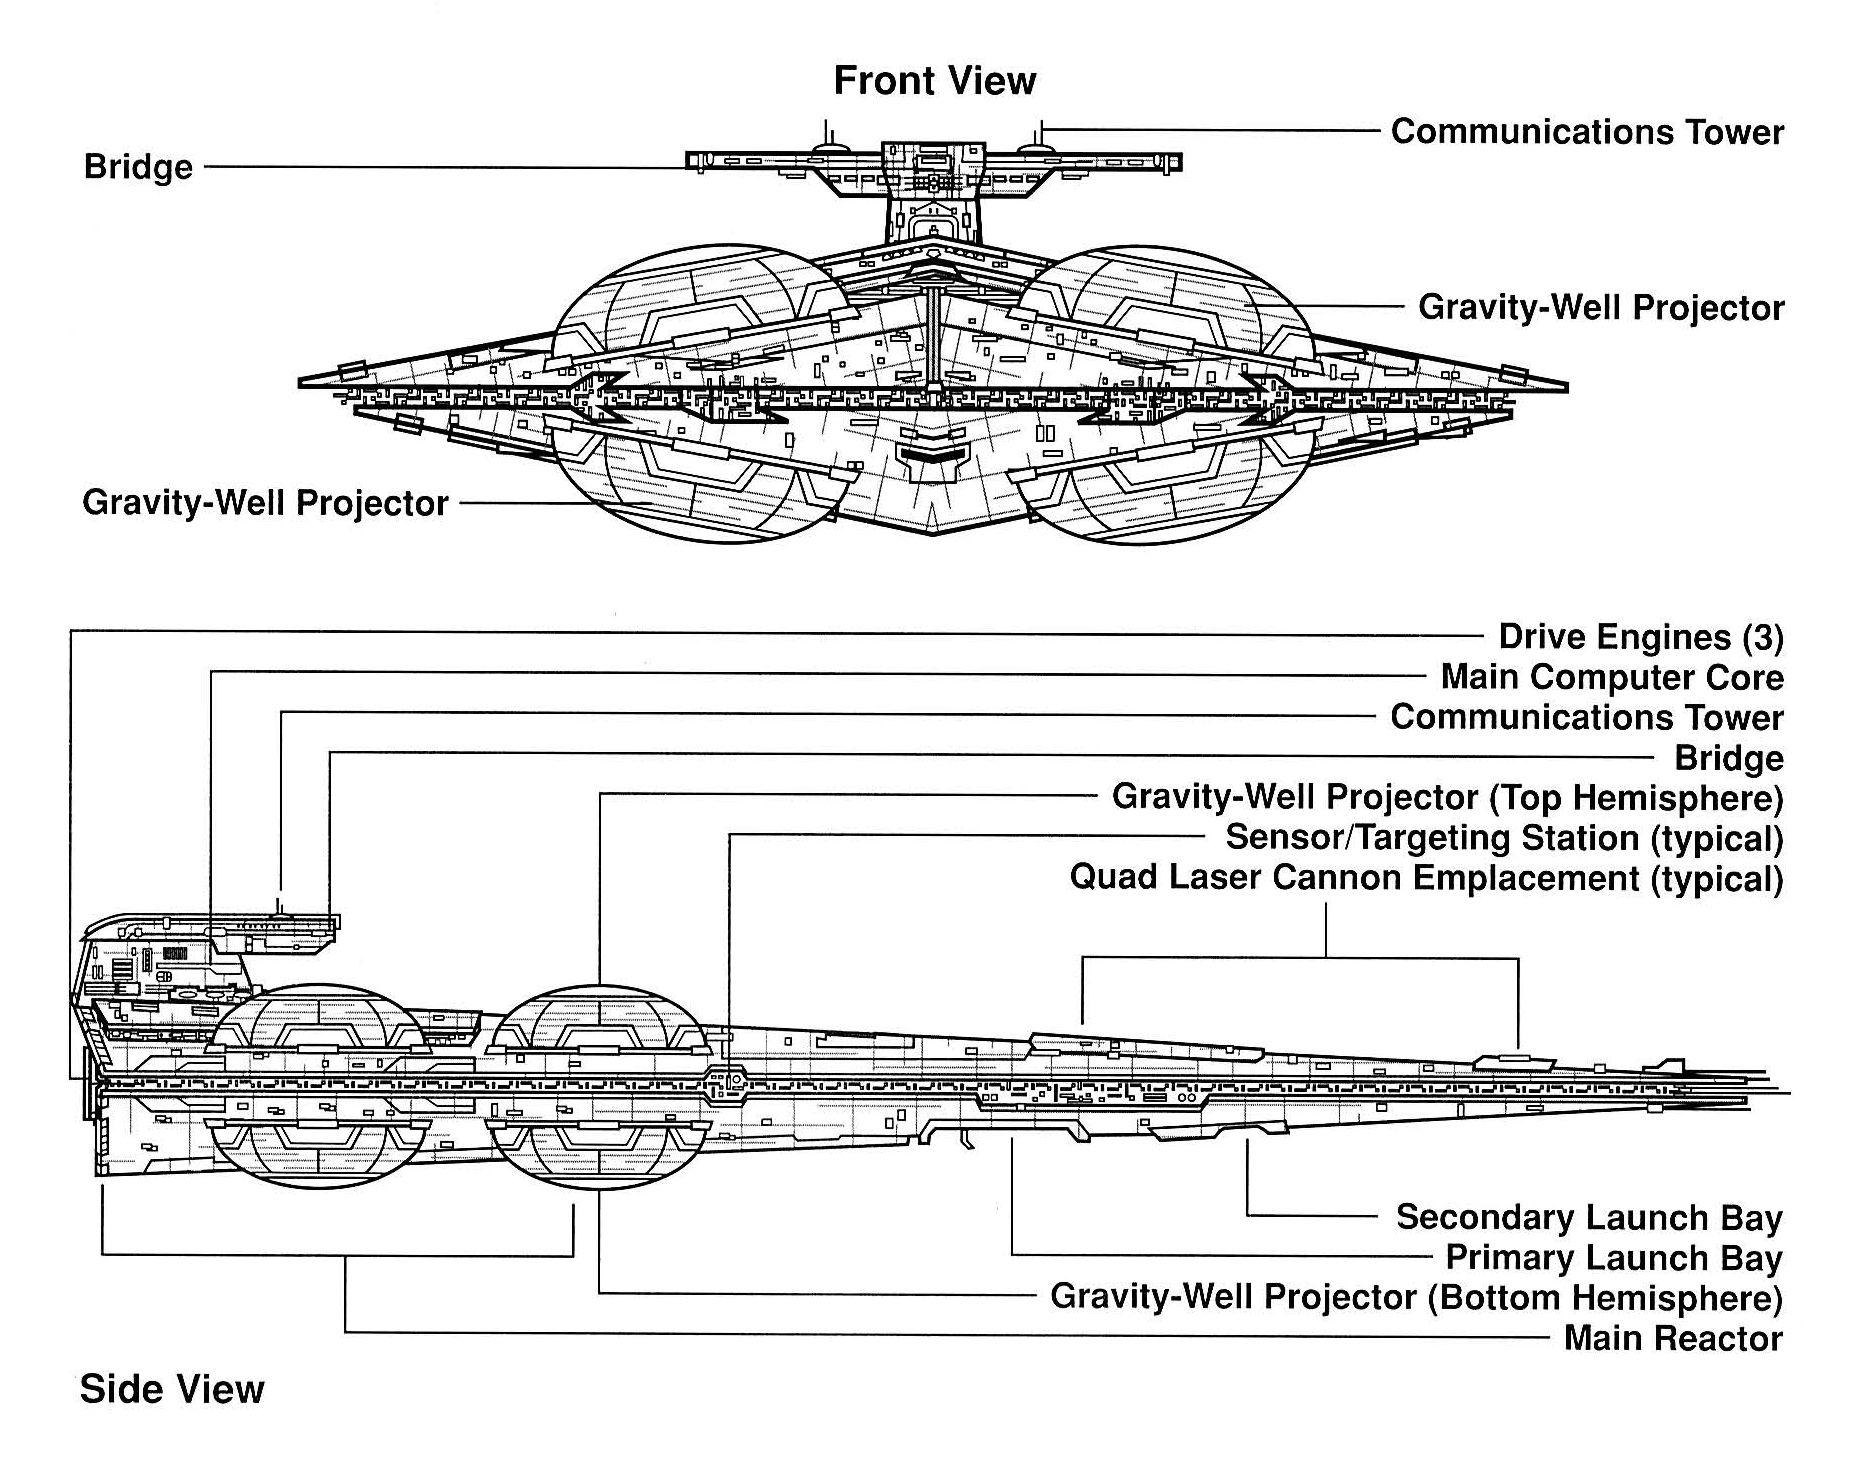 empire at war manual pdf